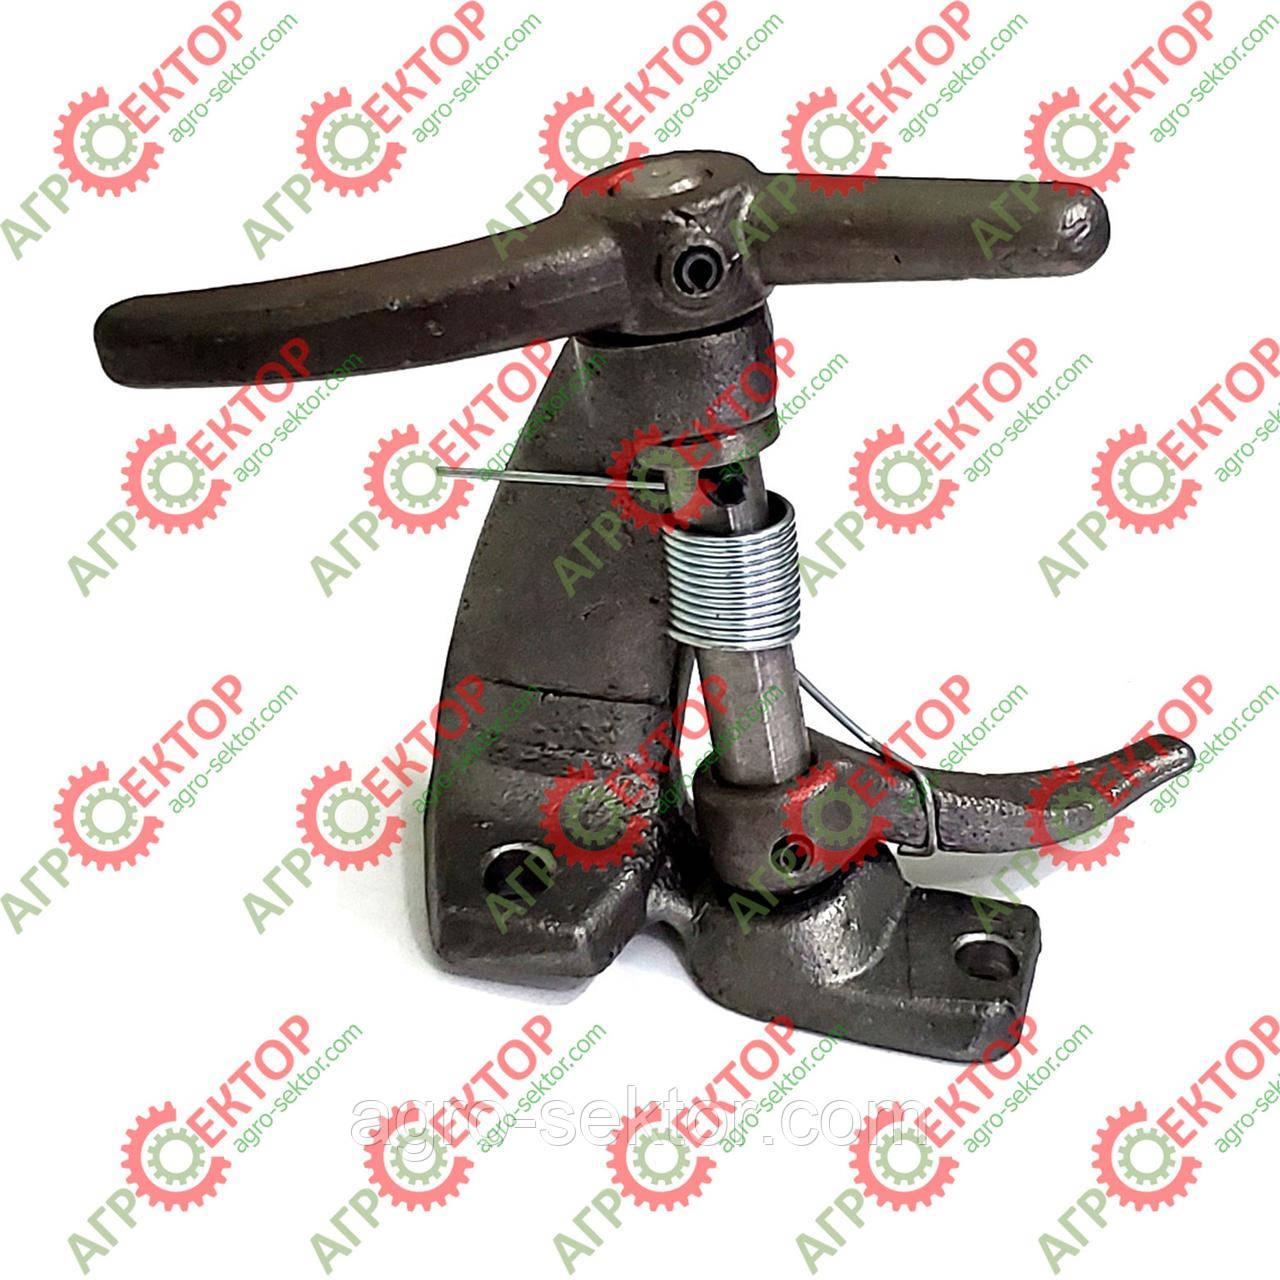 Вертолет в зборі (вязальний механізм) старого зразка на пресс-підбирач Claas Markant 000046, 808337